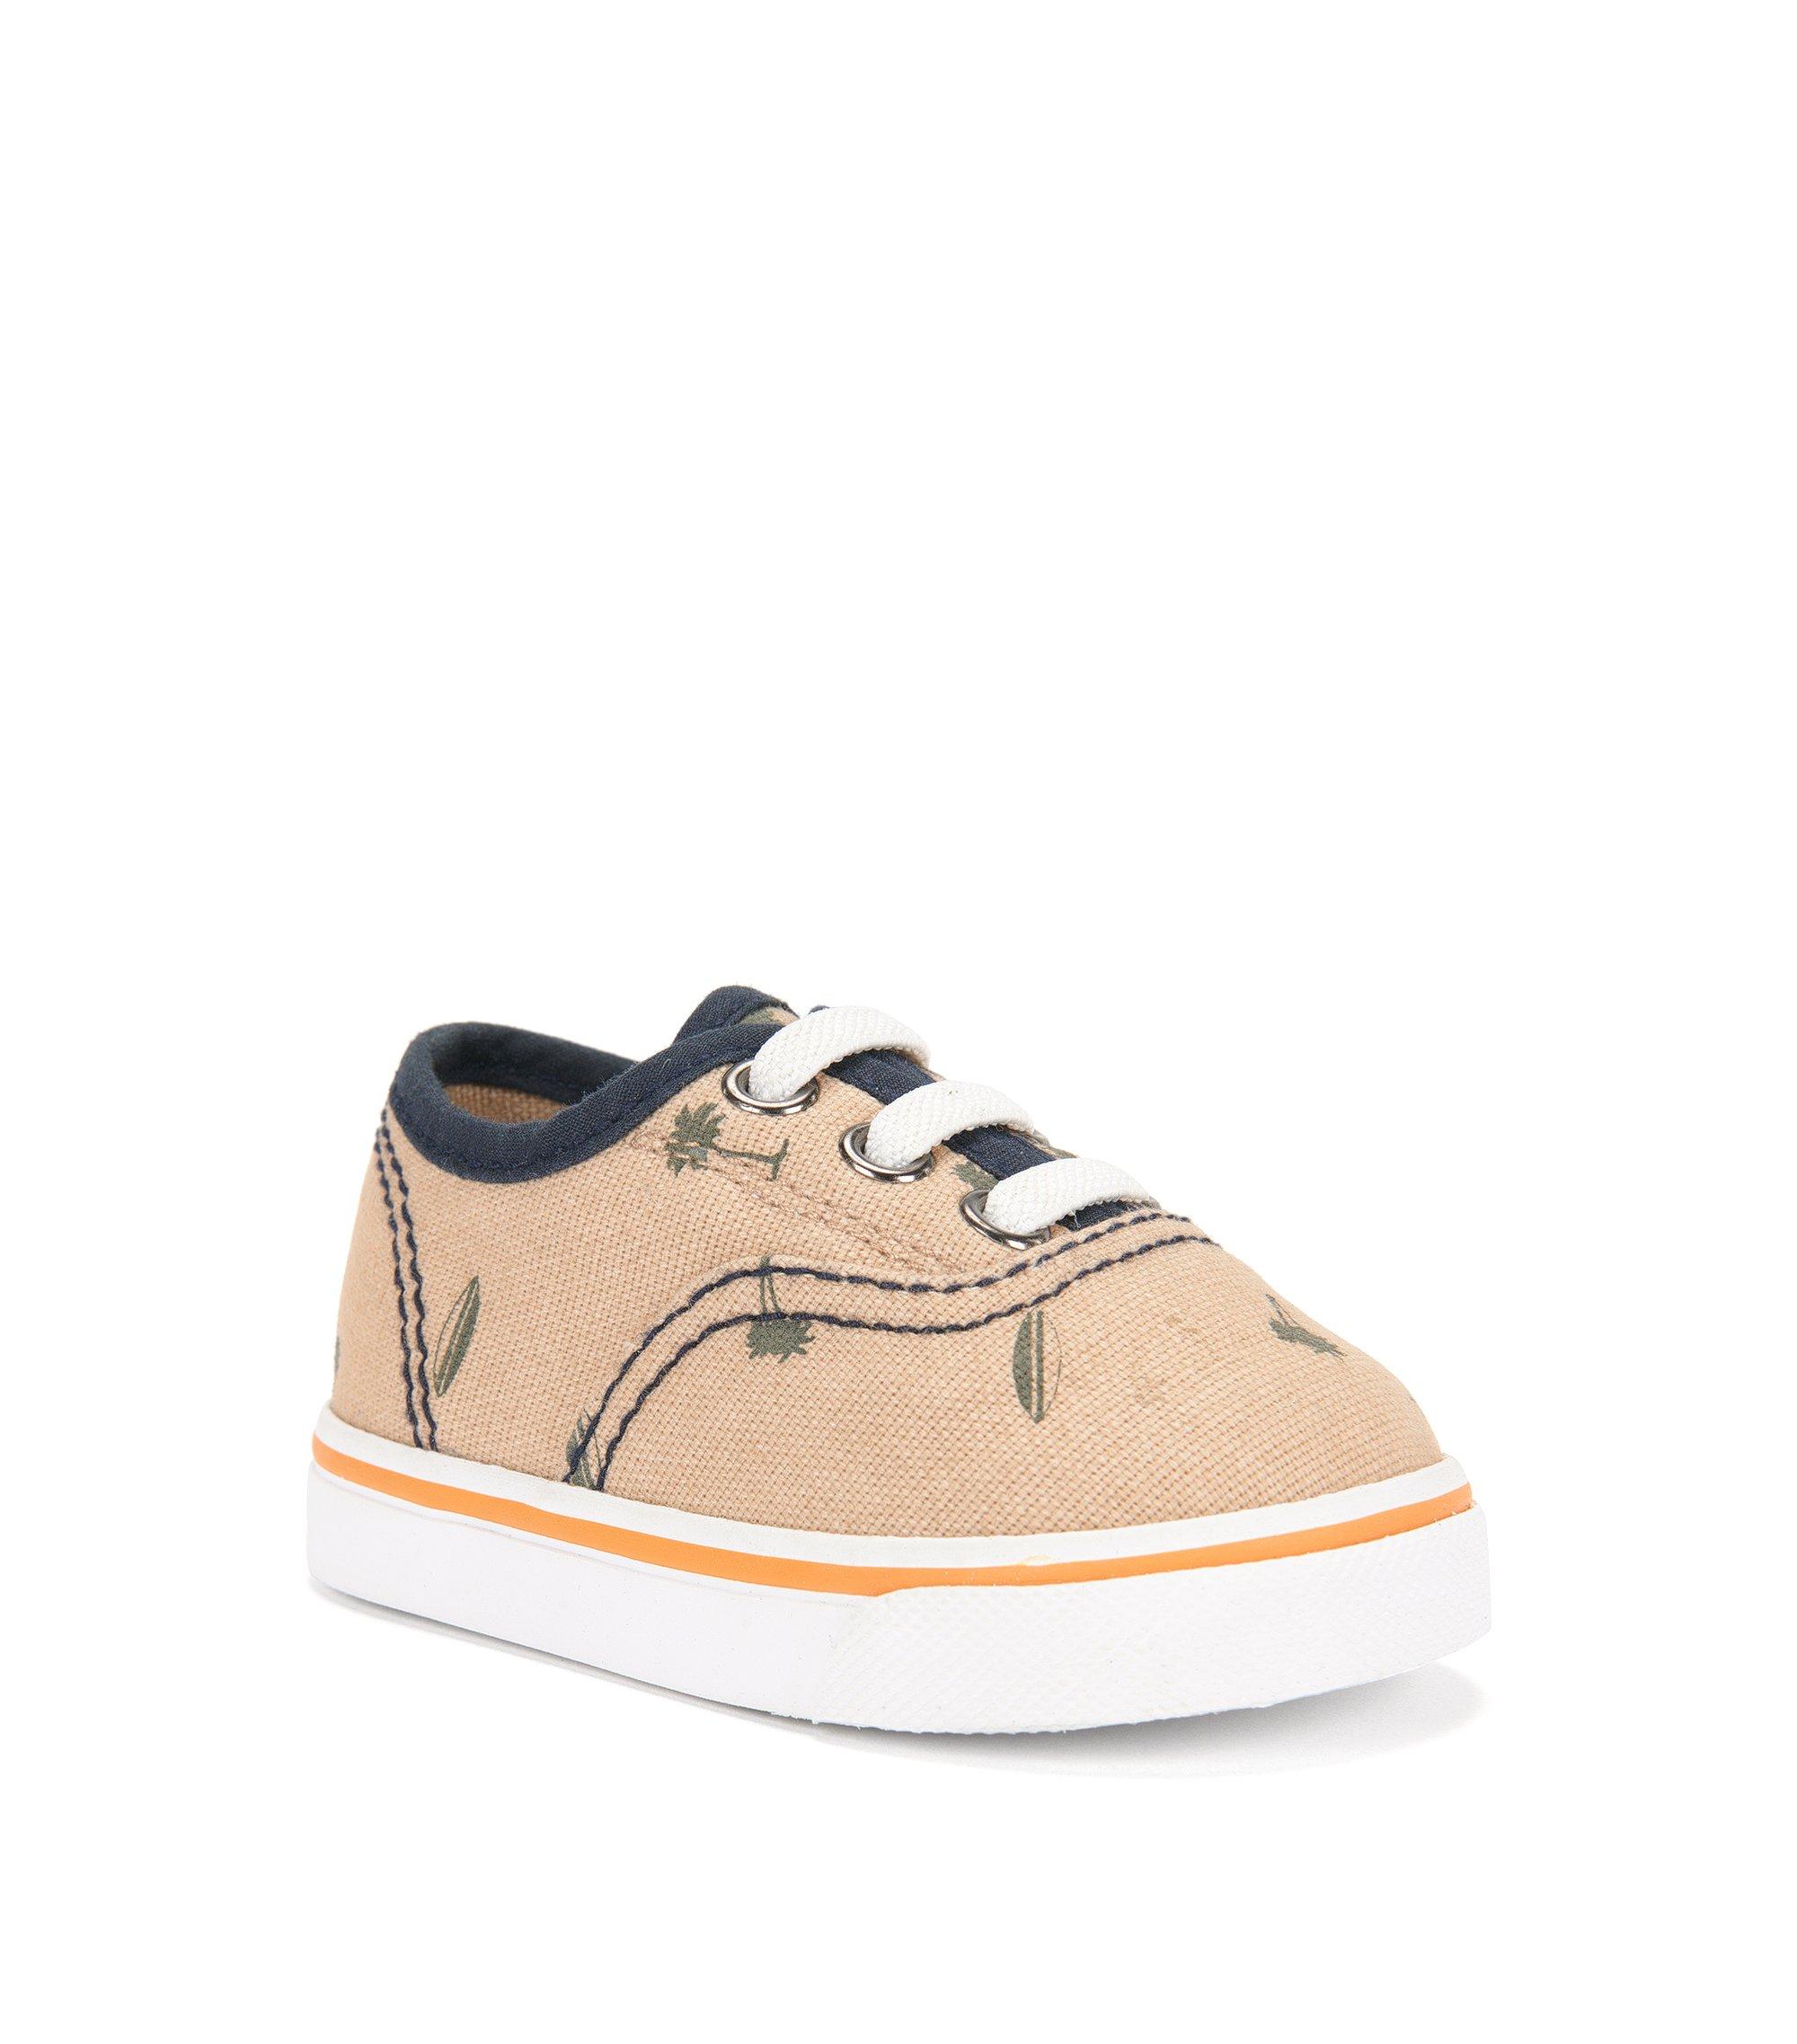 Baby-Sneakers mit Print: 'J09083', Beige